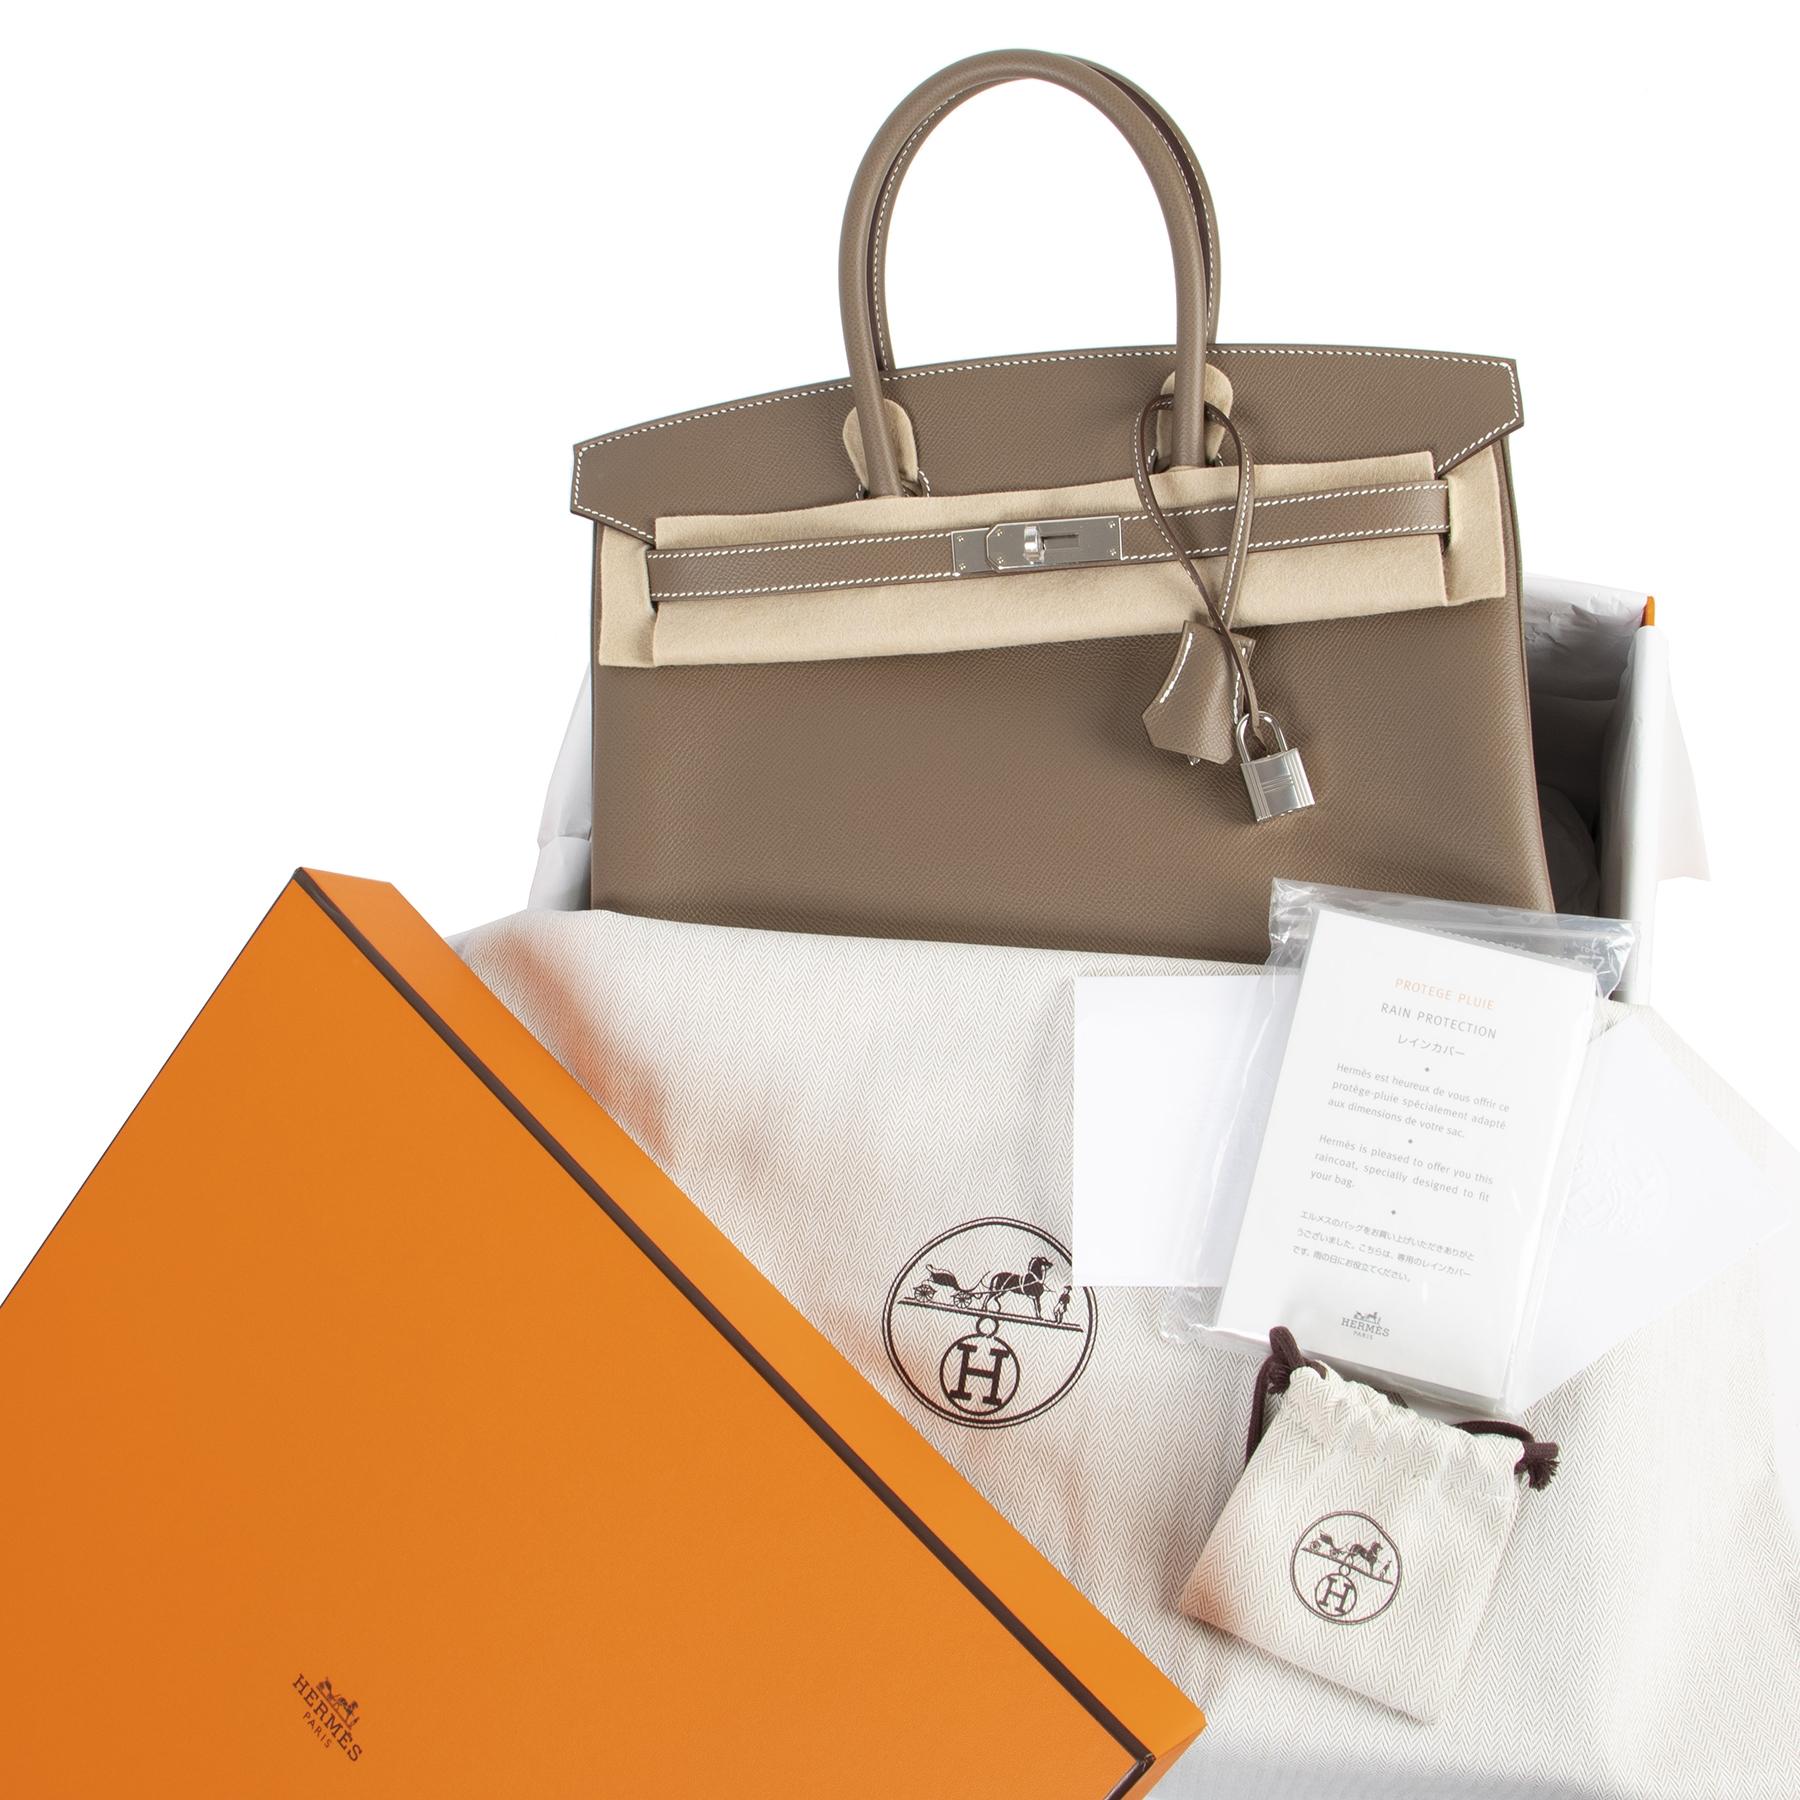 Koop en verkoop uw authentieke designer Hermès Birkin bag aan de beste prijs bij Labellov tweedehands luxe